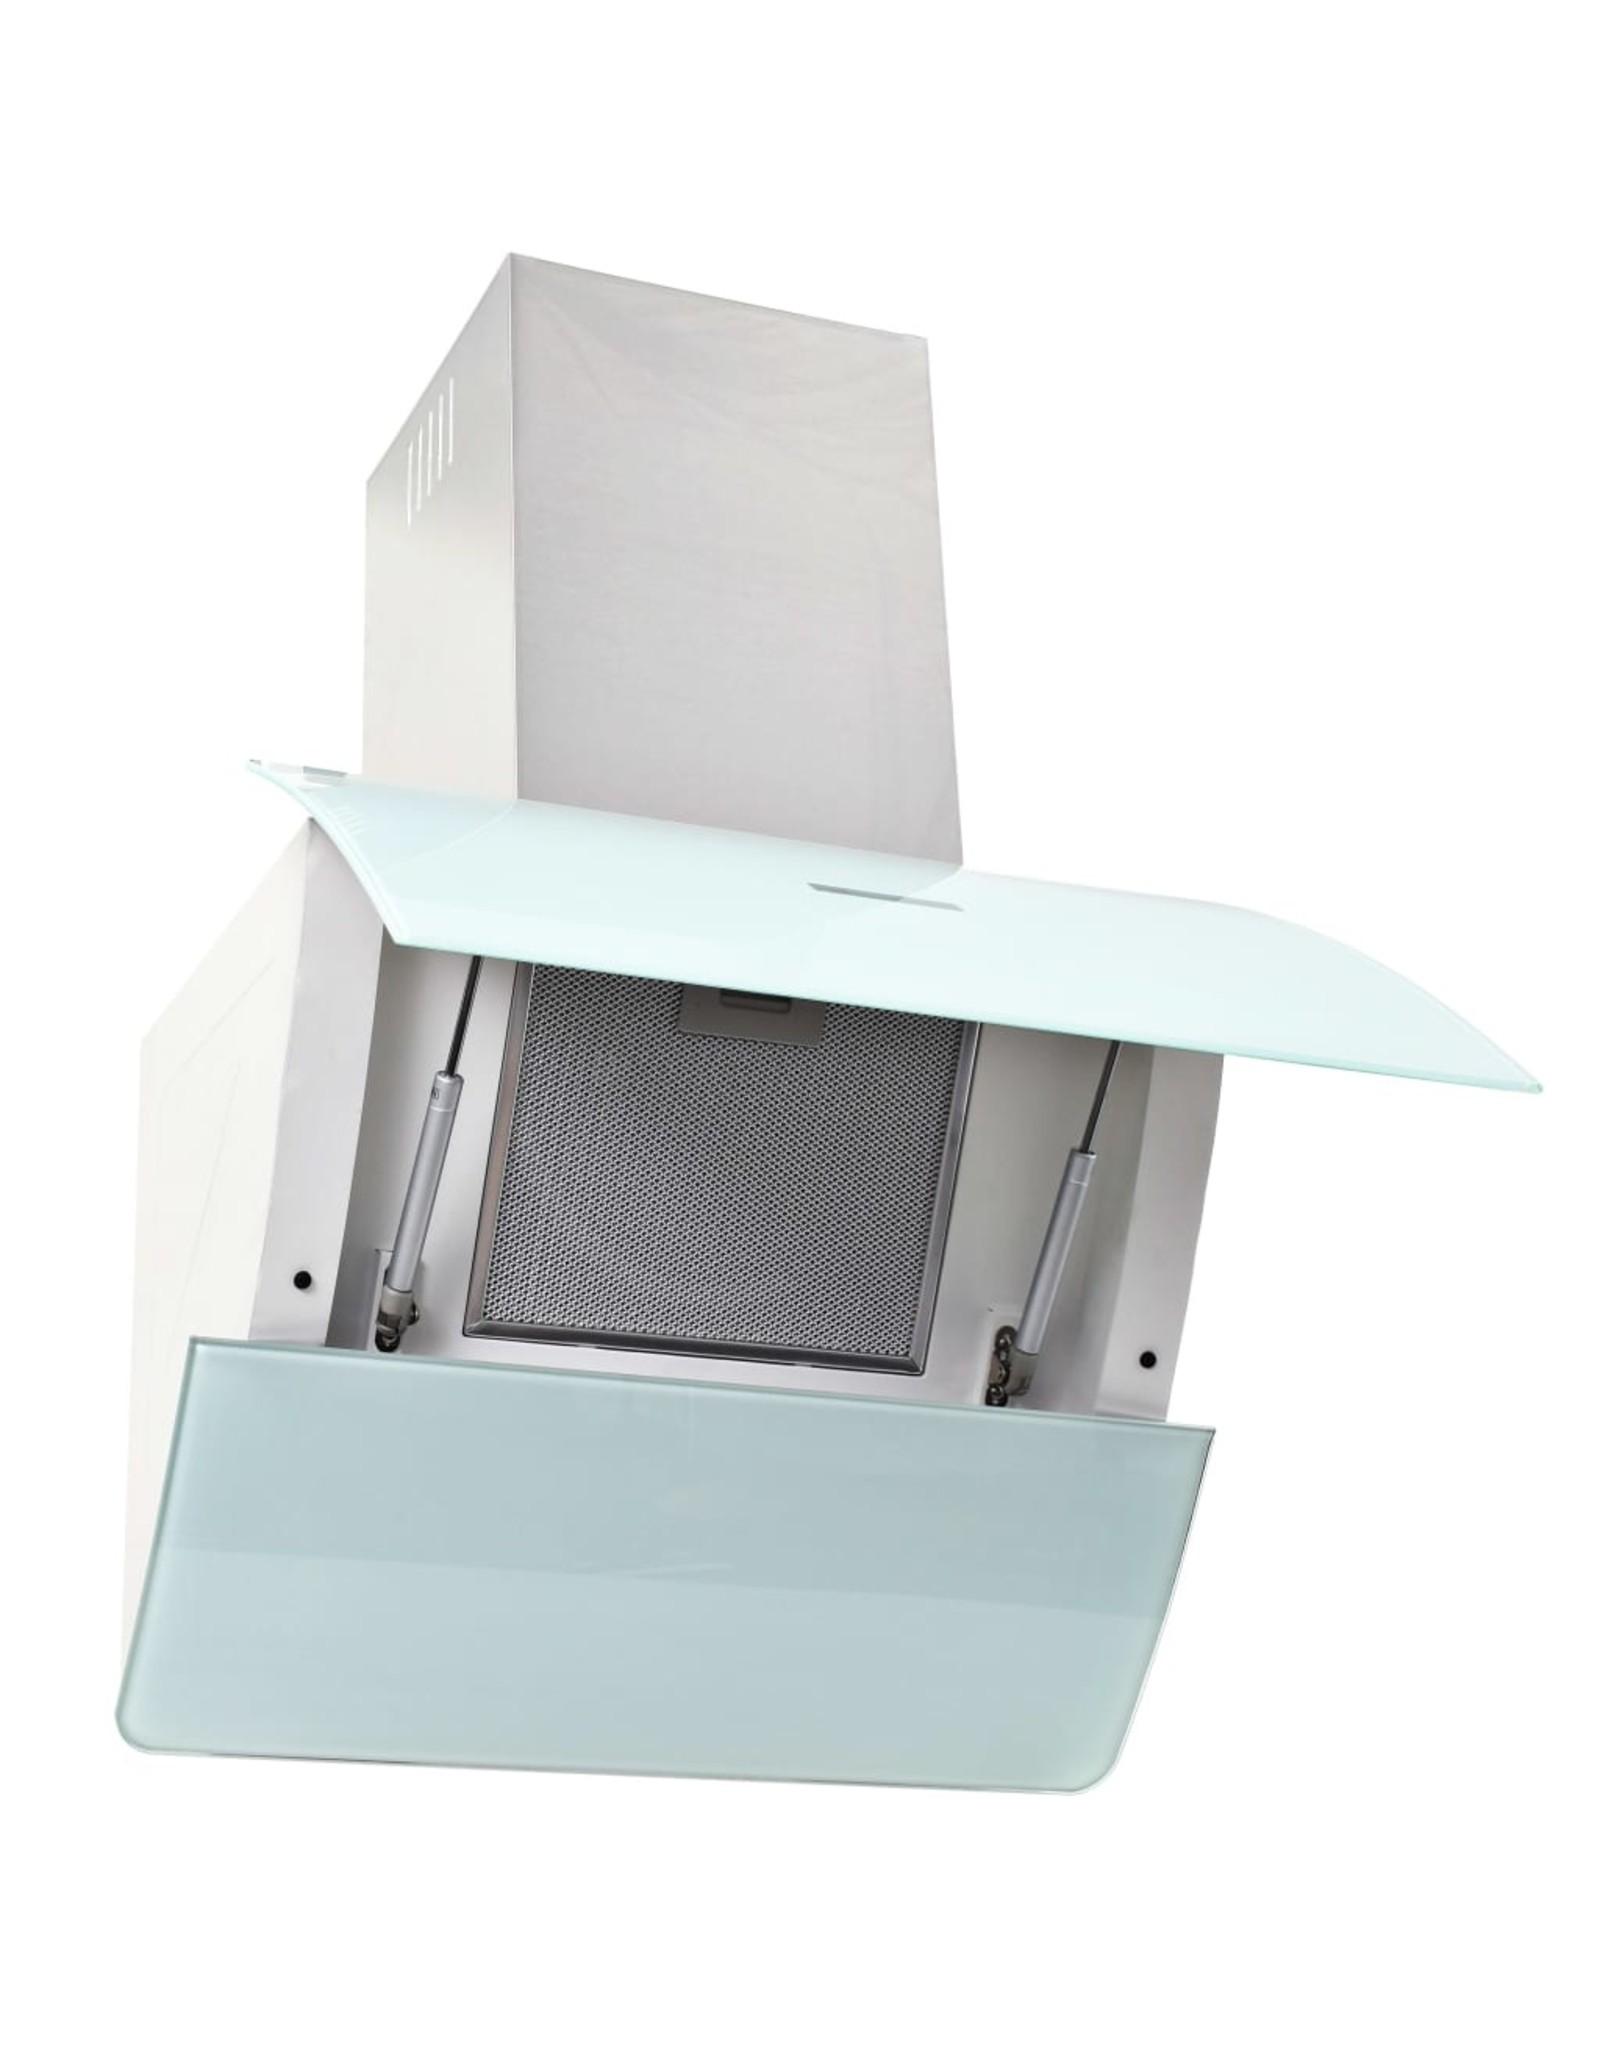 Keukenkastenset met afzuigkap 5-delig hoogglans wit